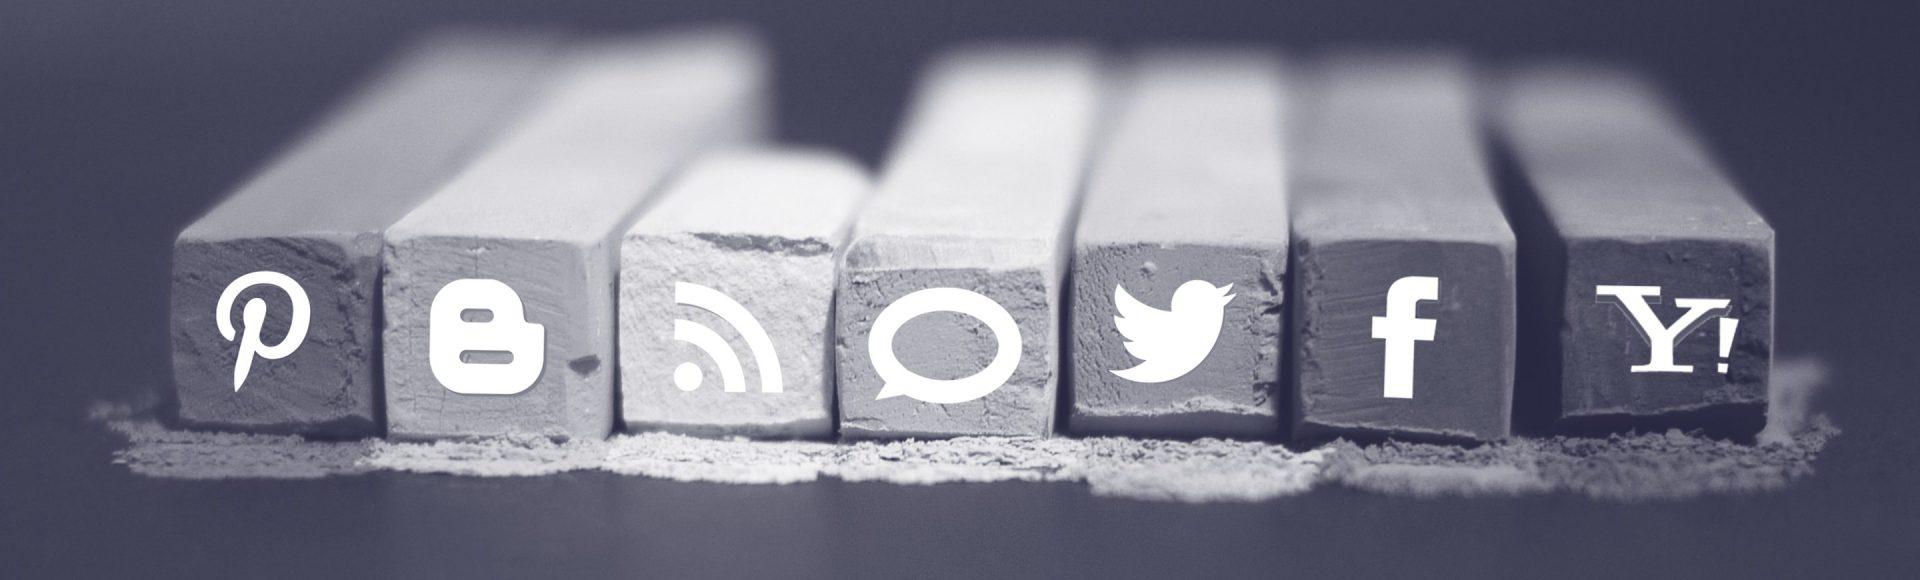 ARK-Invest_Blog-Banner_2014_04_23---Social-Media